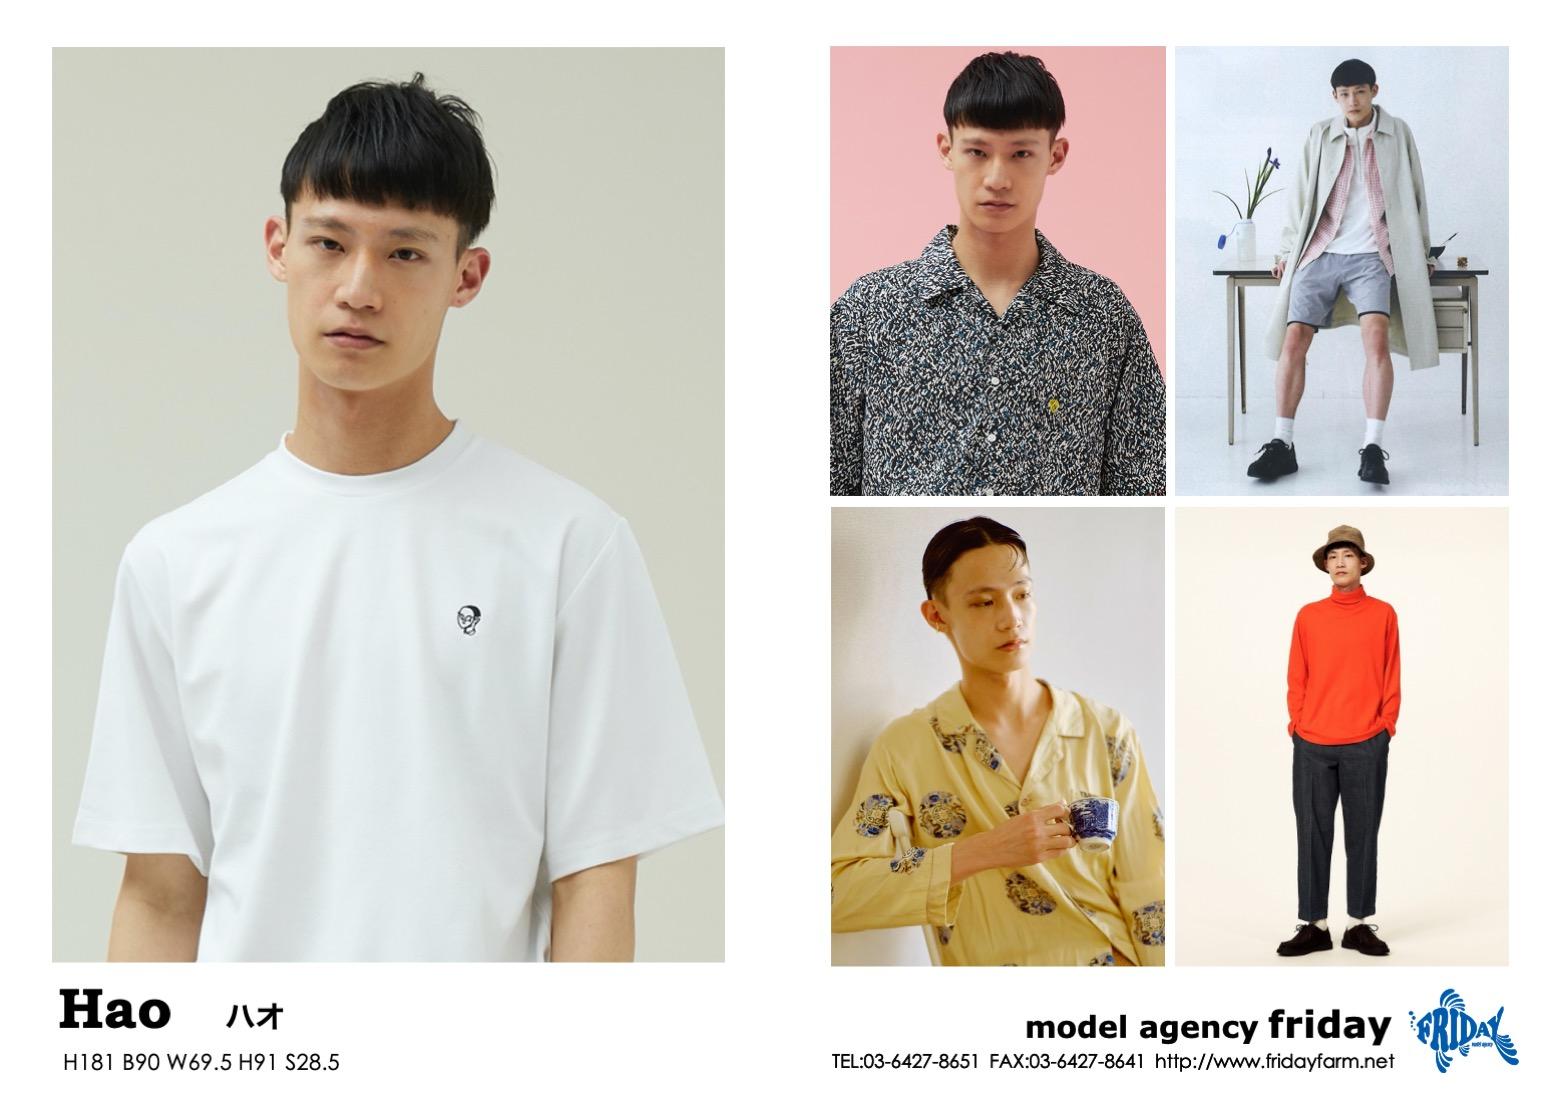 Hao - ハオ   model agency friday